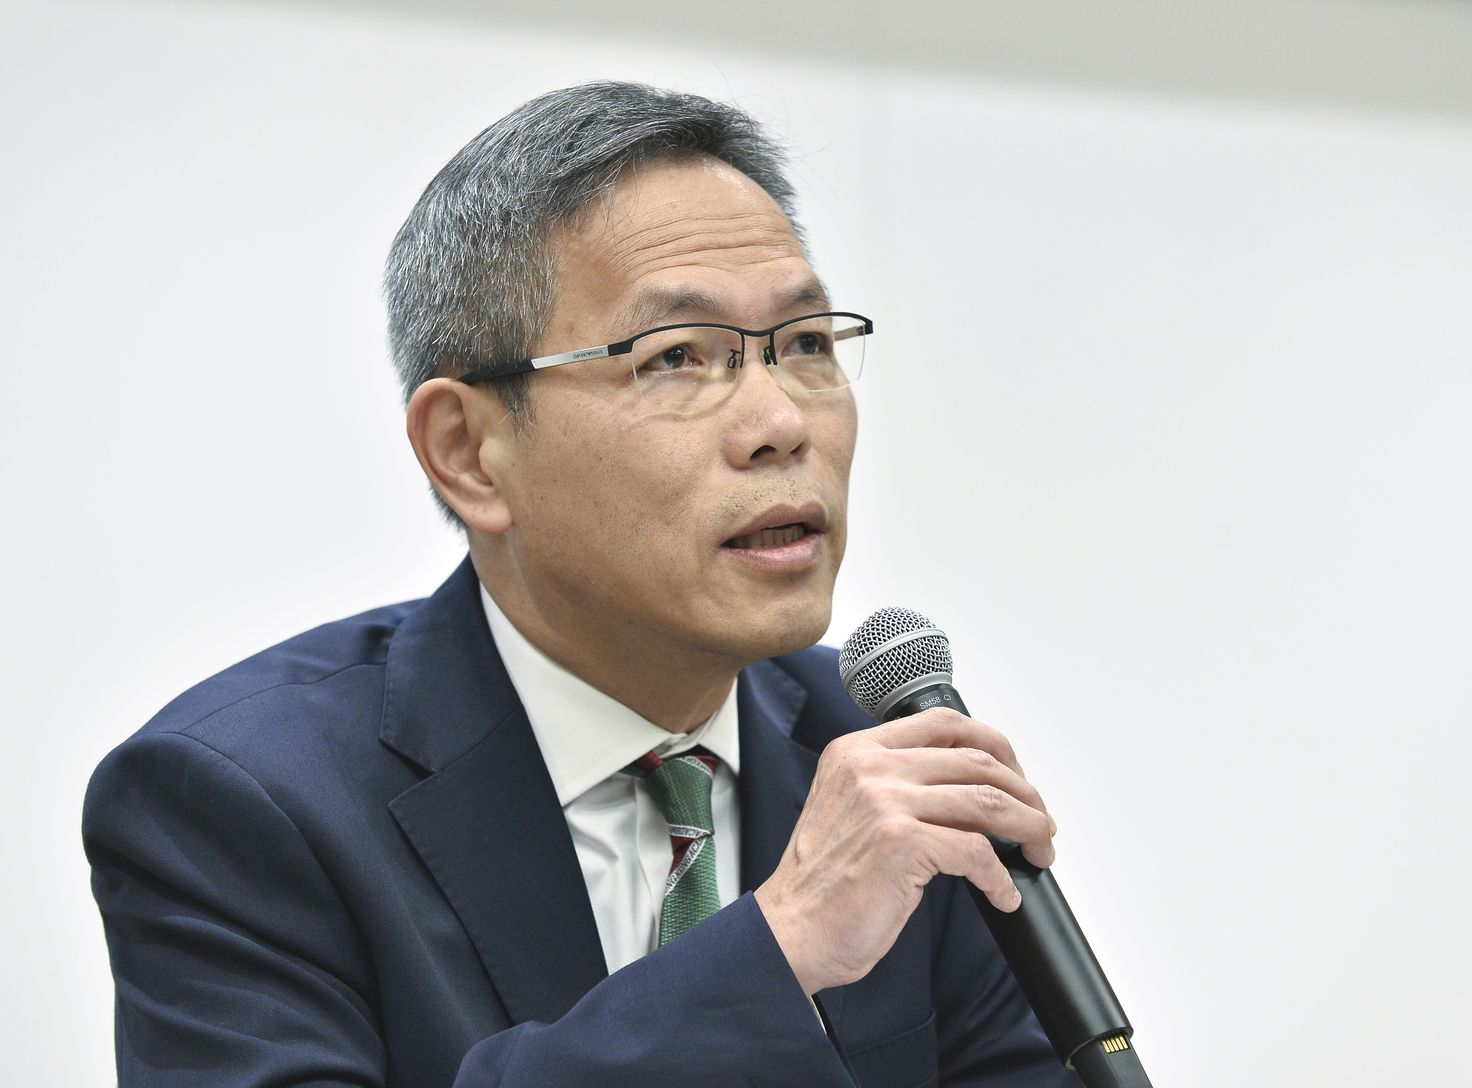 劉澤星指,已選址香港大學深圳醫院設立「深港專科培訓中心」。資料圖片